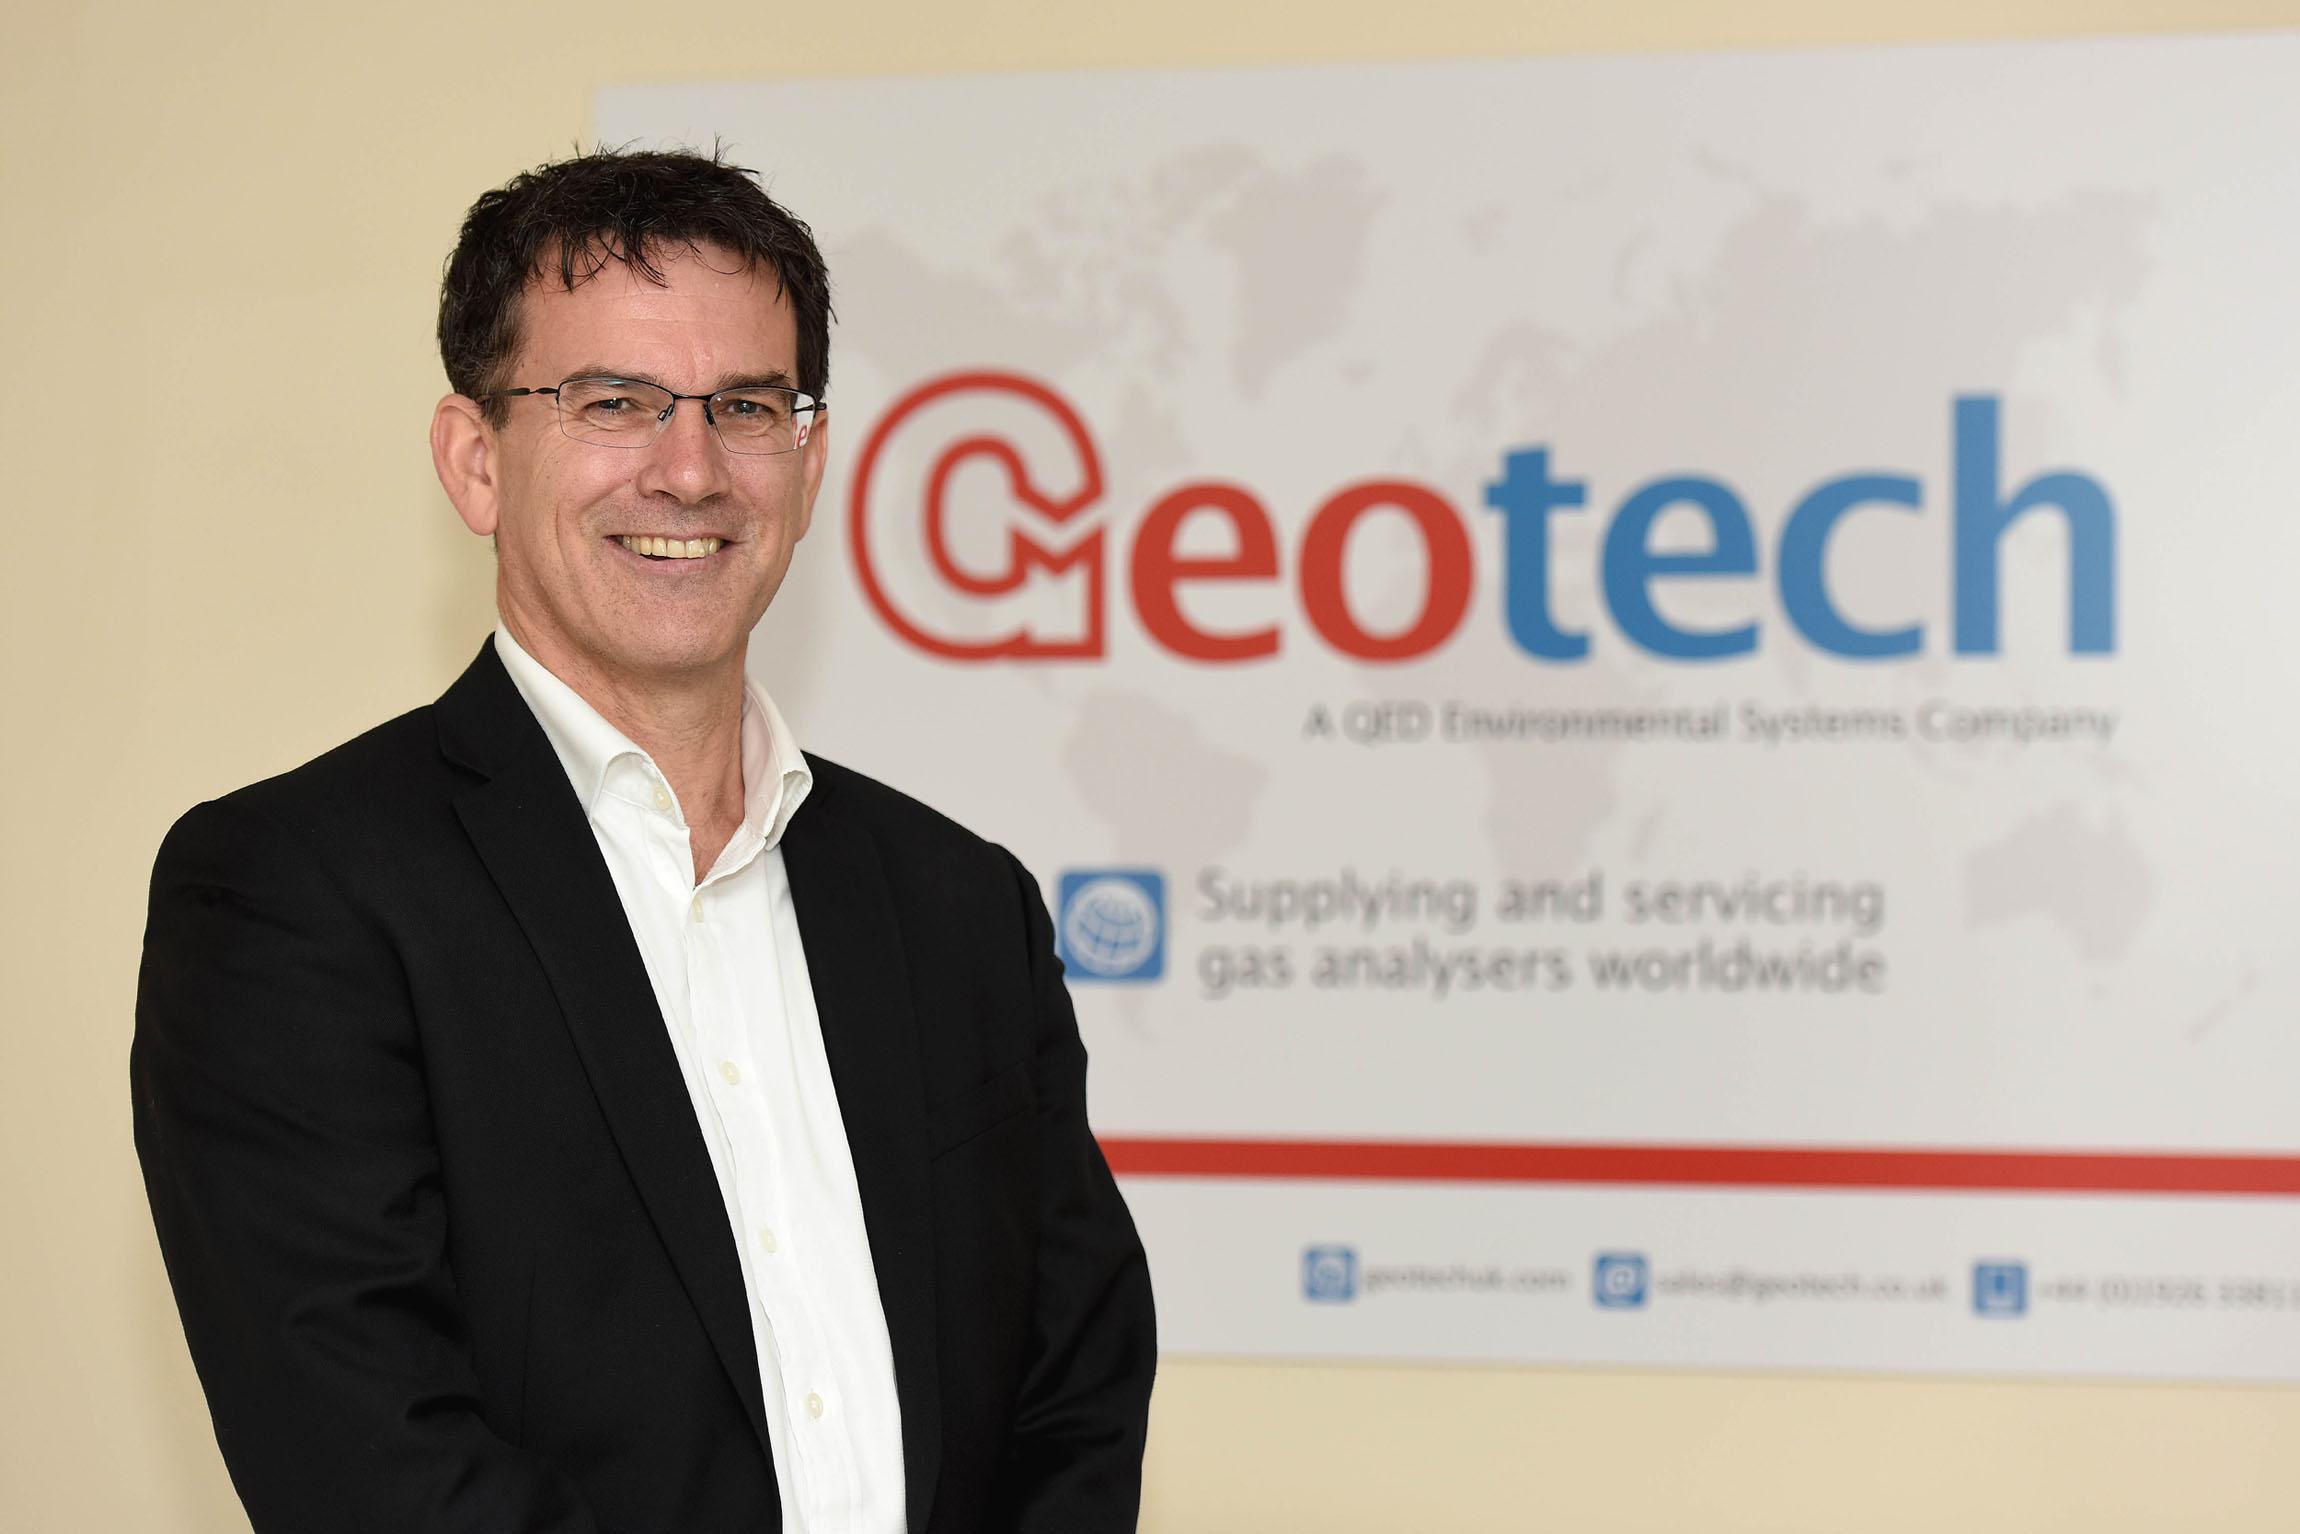 Geotech_Steve_Billingham.jpg